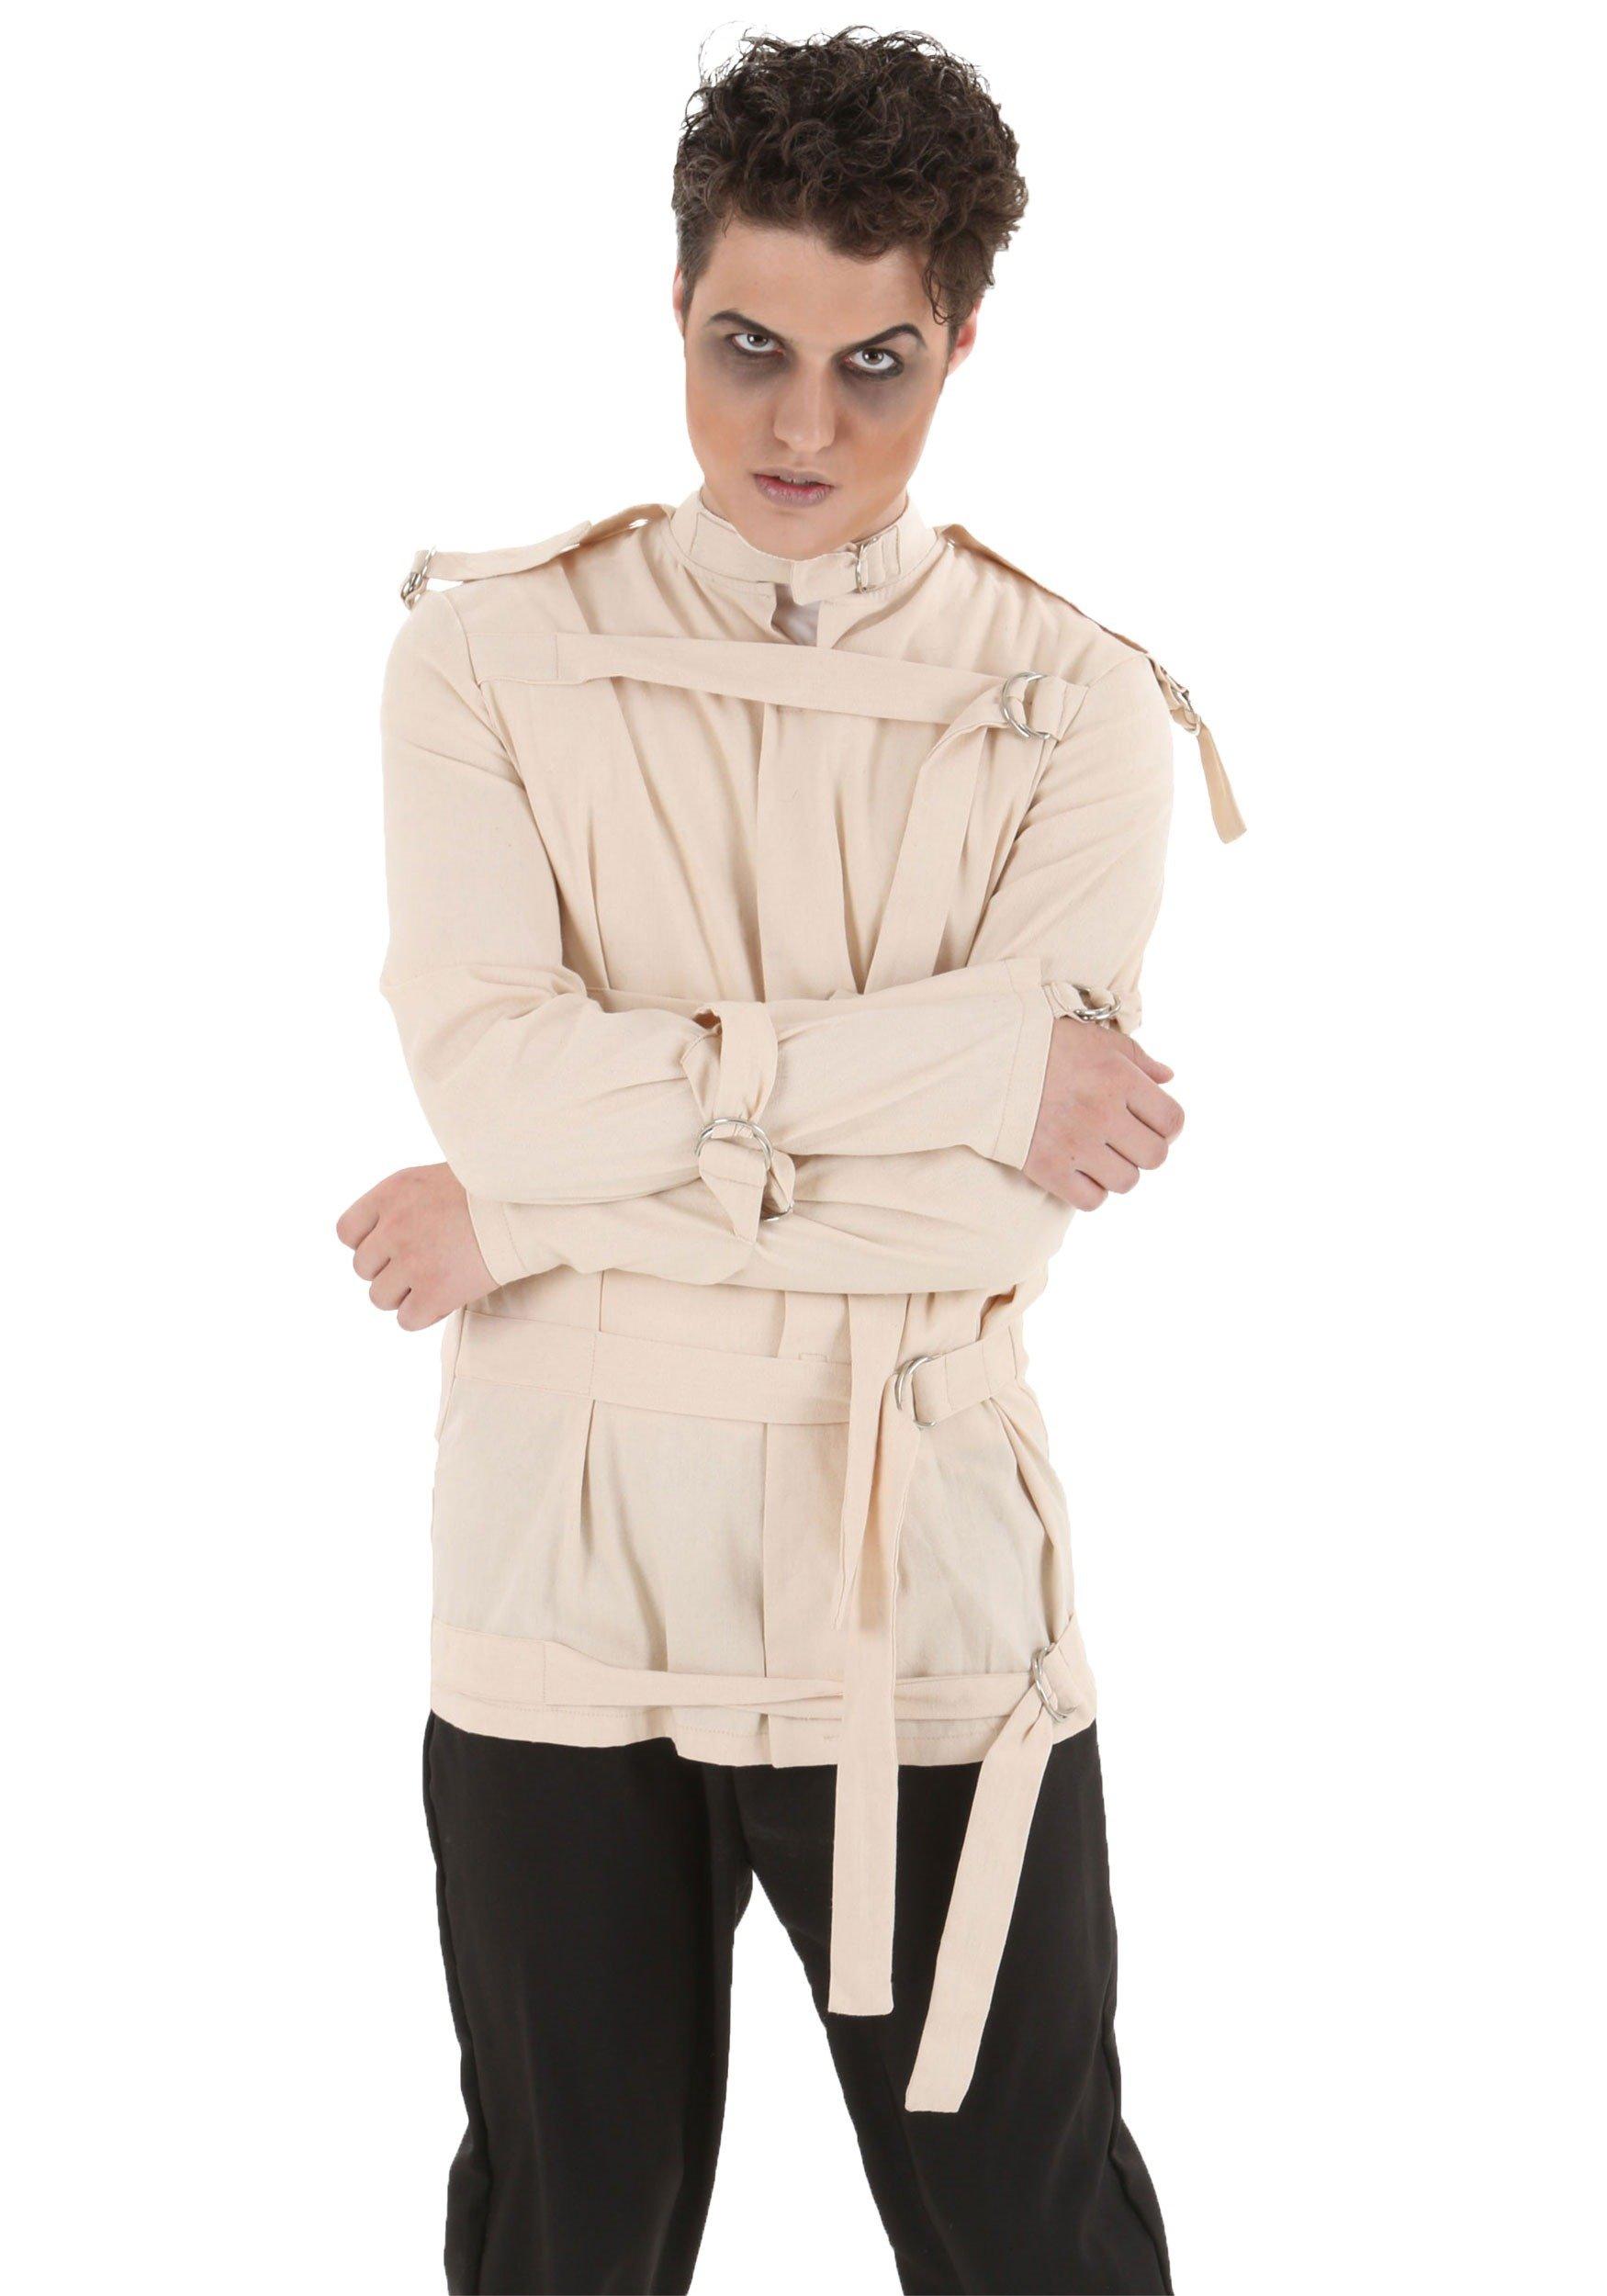 FunCostumes Plus Straight Jacket - 2X